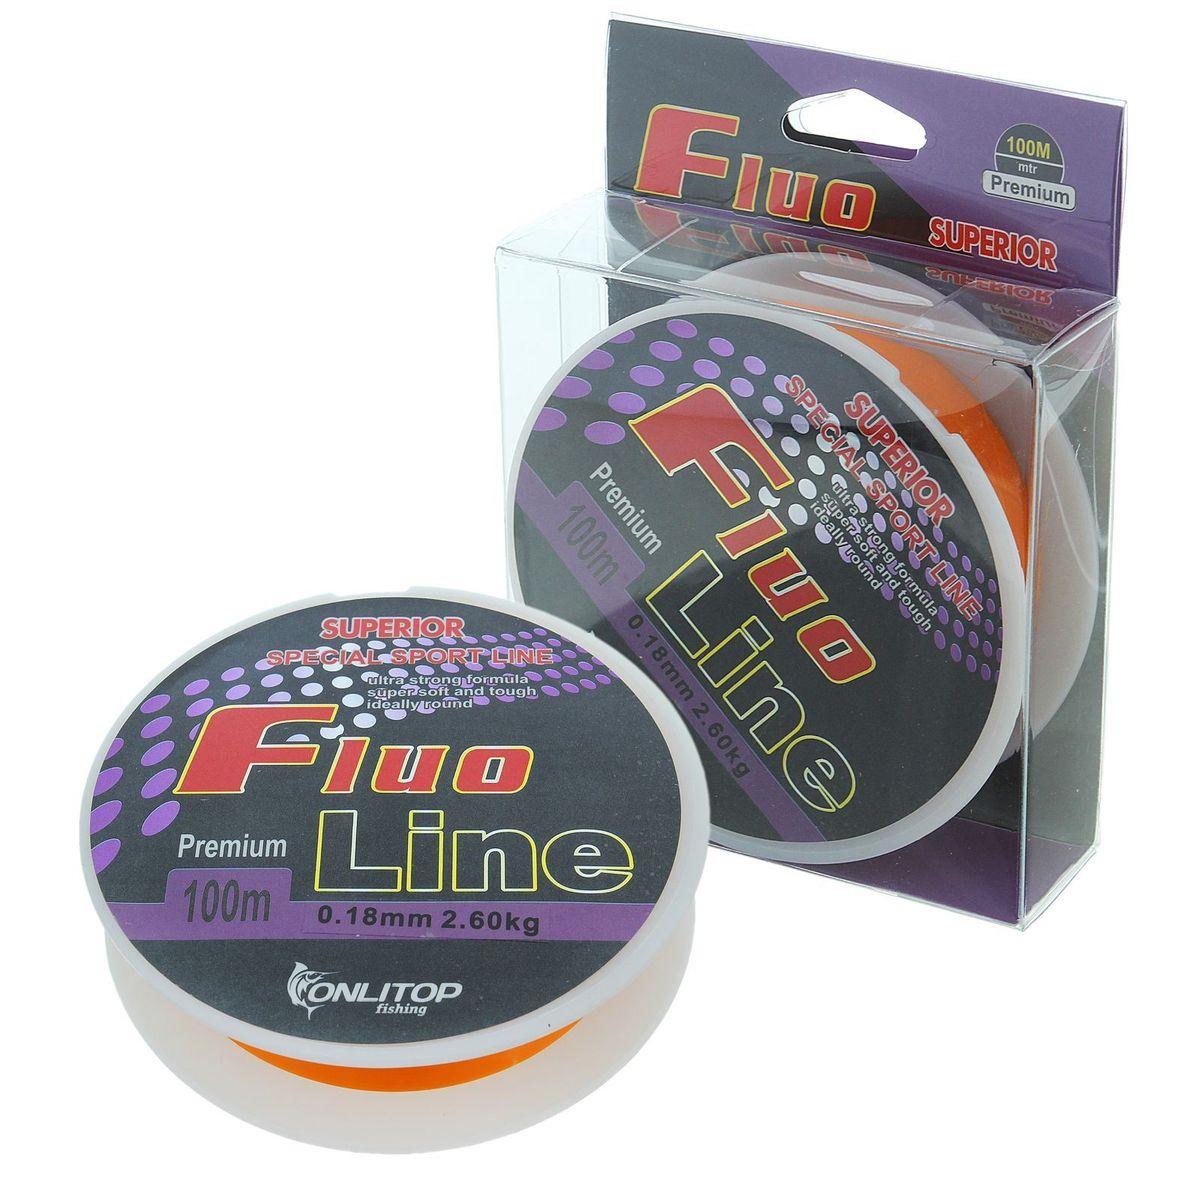 Леска Onlitop Fluo Line, цвет: оранжевый, 100 м, 0,18 мм, 2,6 кг1232669Во время технологического процесса волокна сплетаются и специально разработанным способом сплавляются в единое целое. В ходе такой обработки леска становится прочнее, чем совокупность составляющих ее волокон. Таким образом получается оптимальный синтез монофильной и плетеной лески.